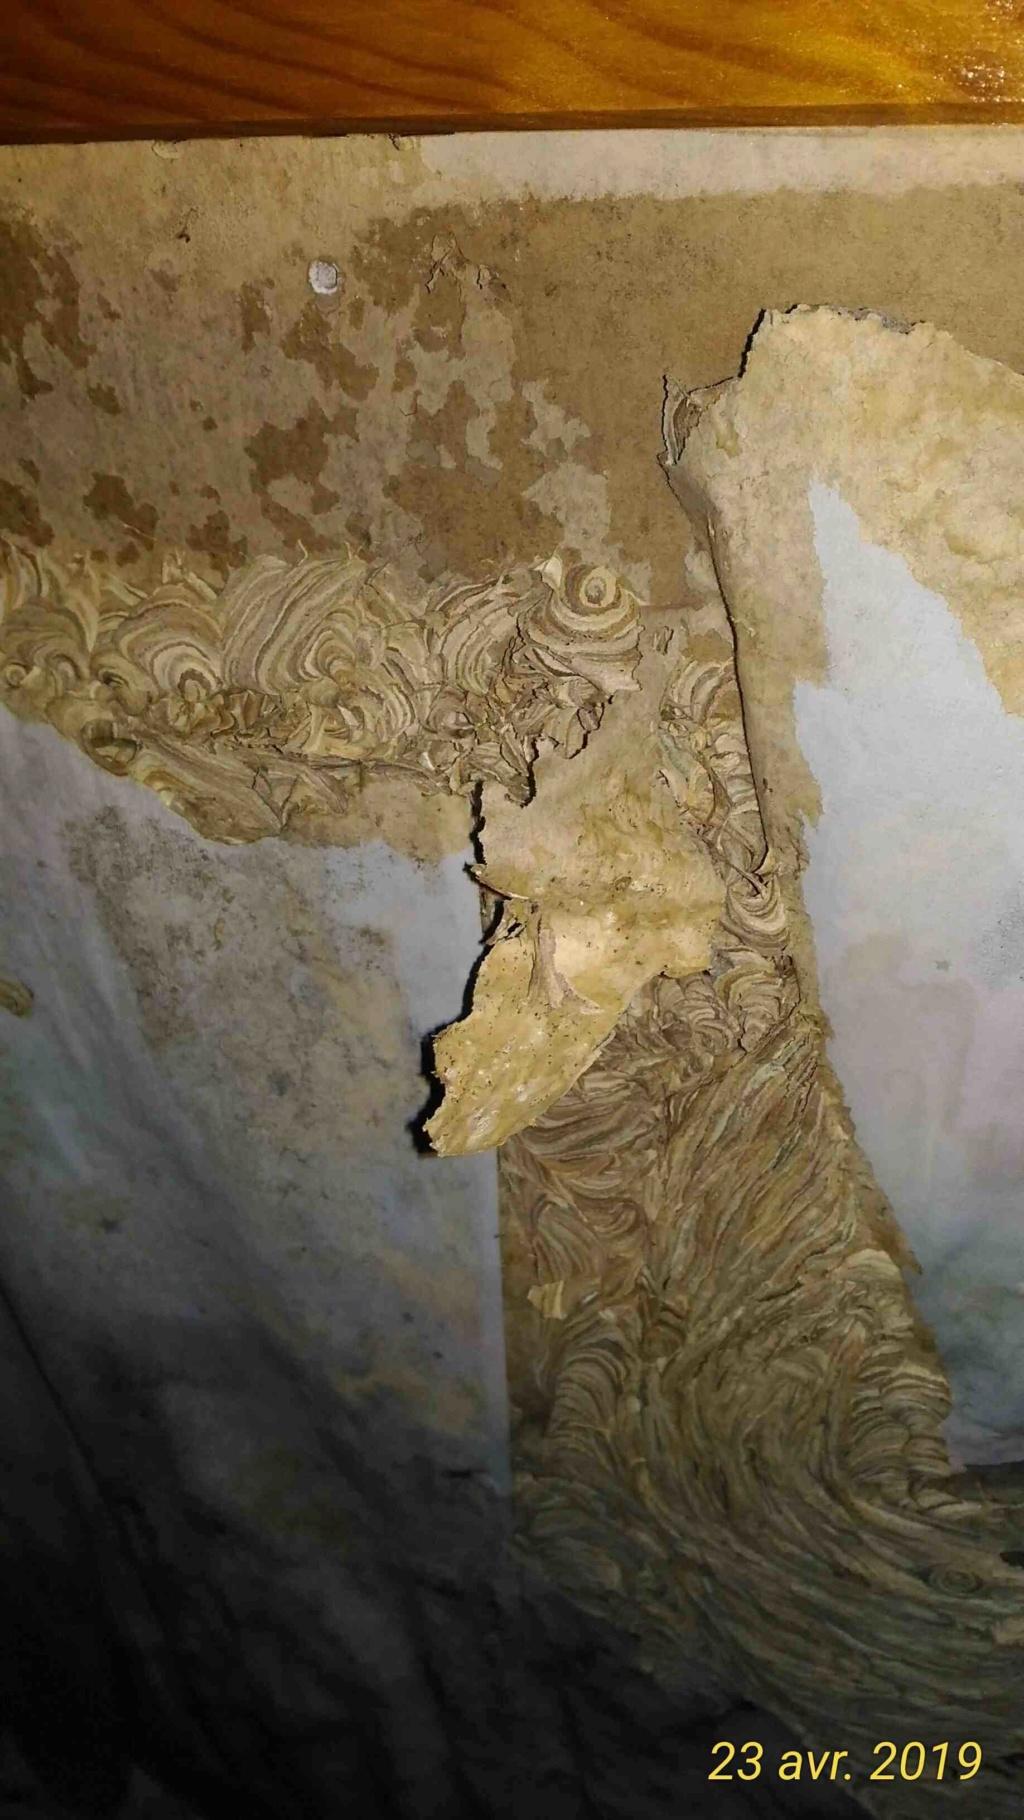 Gros dégâts sur rampant en lambris chambre à coucher _2_tra12